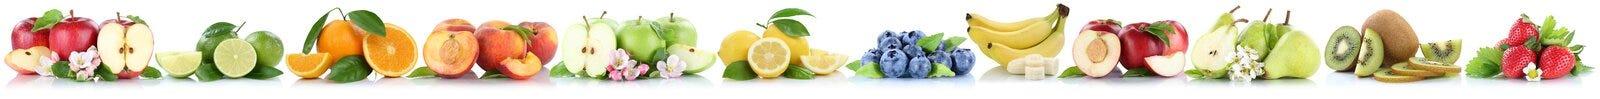 Apfel-Orangenbananen des Apfels trägt die orange Früchte in Folge, die an lokalisiert werden Lizenzfreies Stockfoto